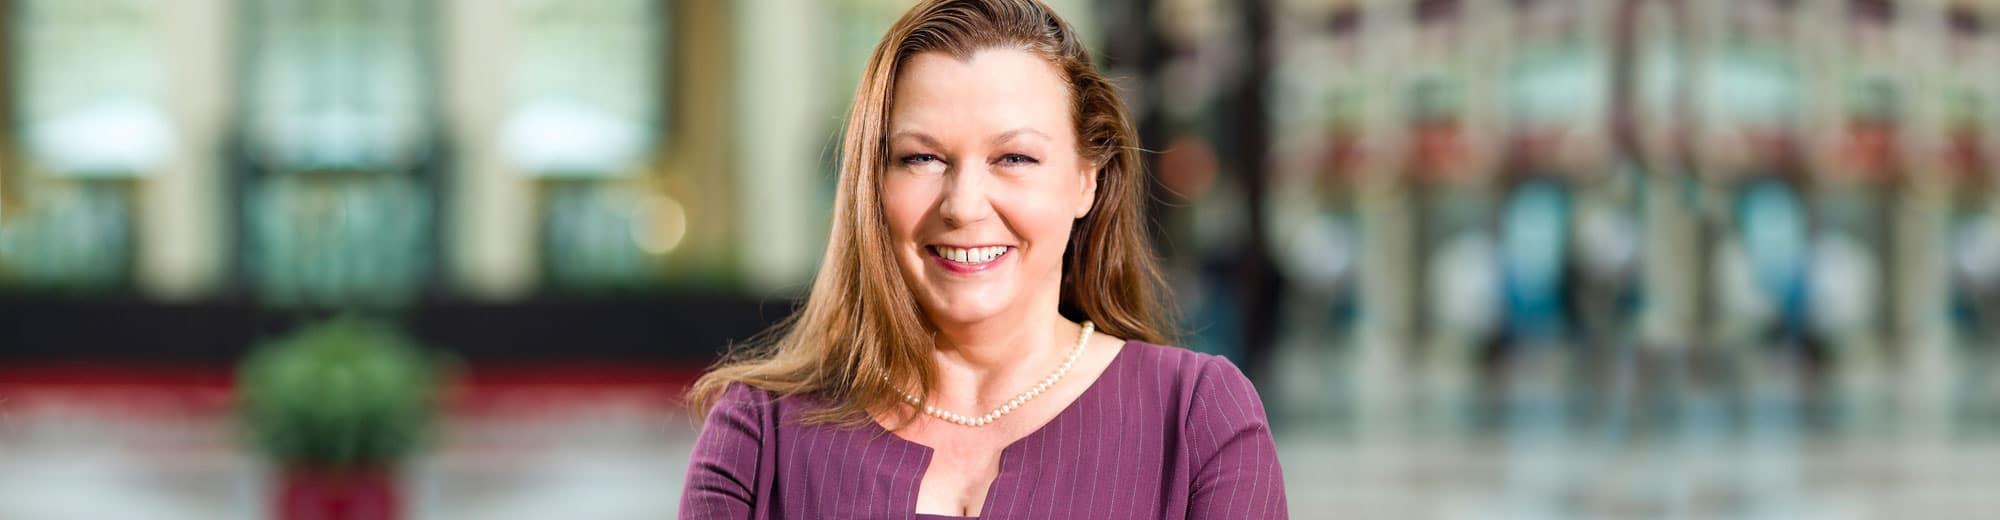 Moderatorin Podiumsdiskussionen anspruchsvolle Events Business Moderation Talkrunden Kongresse Ilona Lindenau Frankfurt